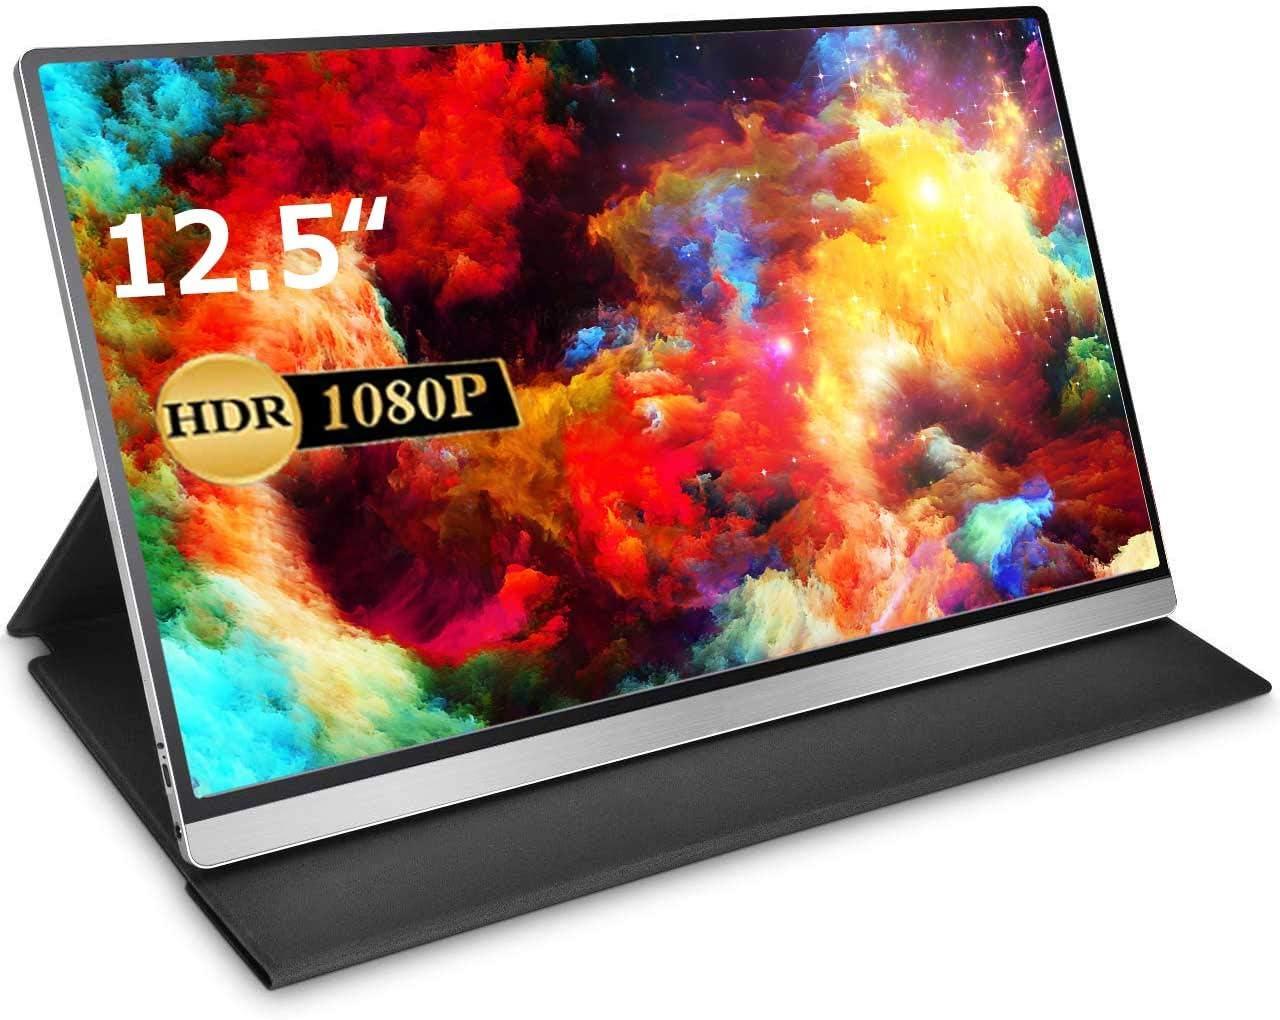 モバイルモニター モバイルディスプレイcocopar 12.5インチ スイッチ用モニター 非光沢IPSパネル 薄い 軽量 1920x1080FHD HDRモード/FreeSync対応/ブルーライト機能 USB Tpye-C/mini HDMI/カバー付 3年保証付 PSE認証済み dg-125mx